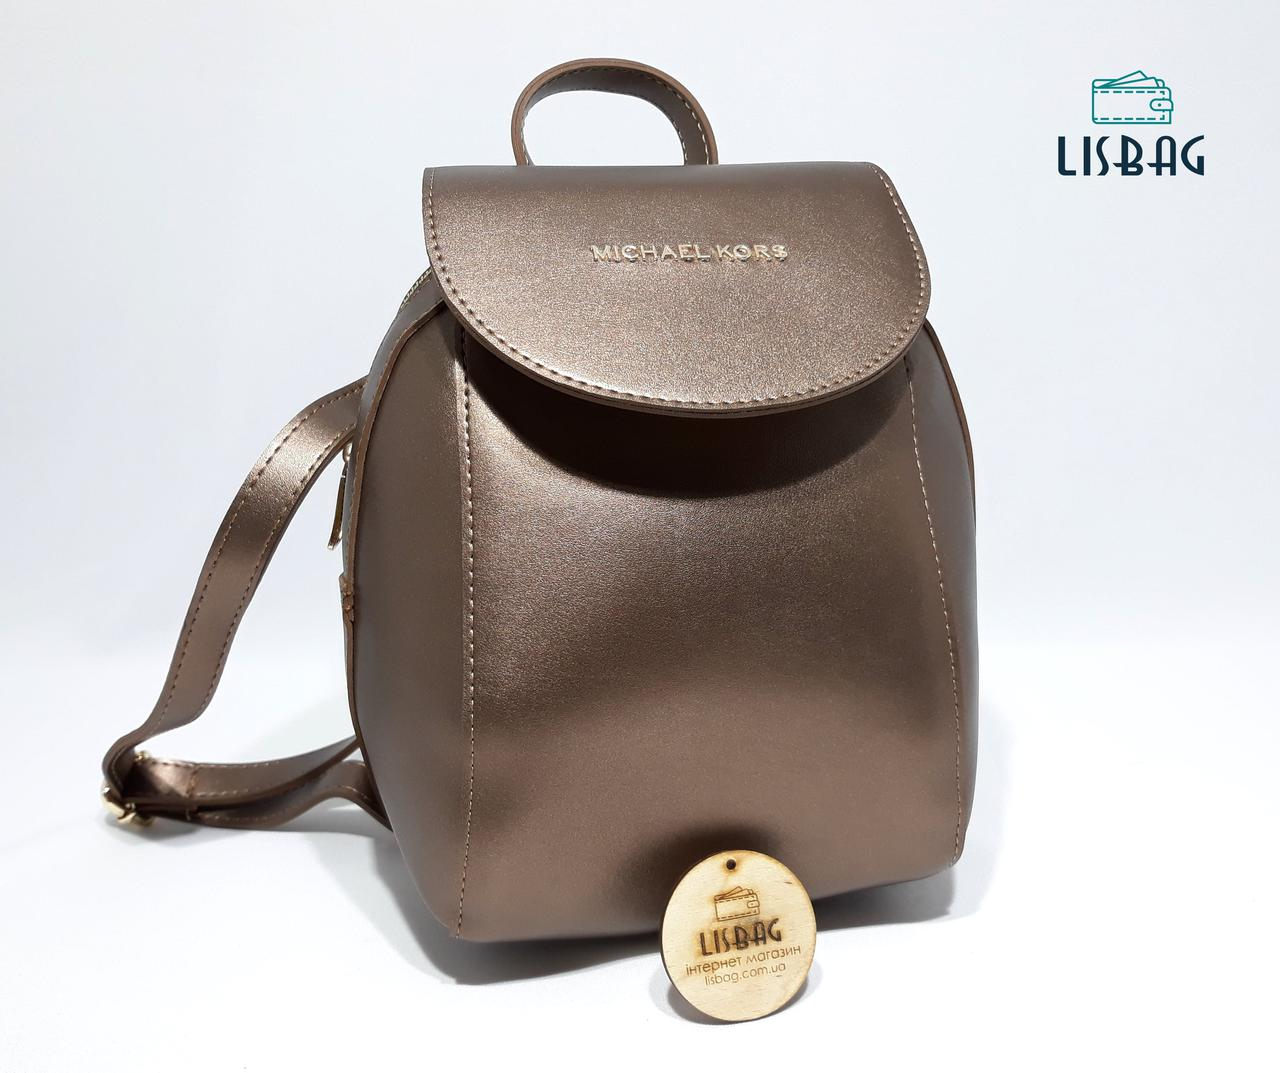 3ff443e1fb63 Бронзовый рюкзак Michael Kors эксклюзивный рюкзак-сумка Michael Kors копия  люкс - Интернет магазин Lisbag